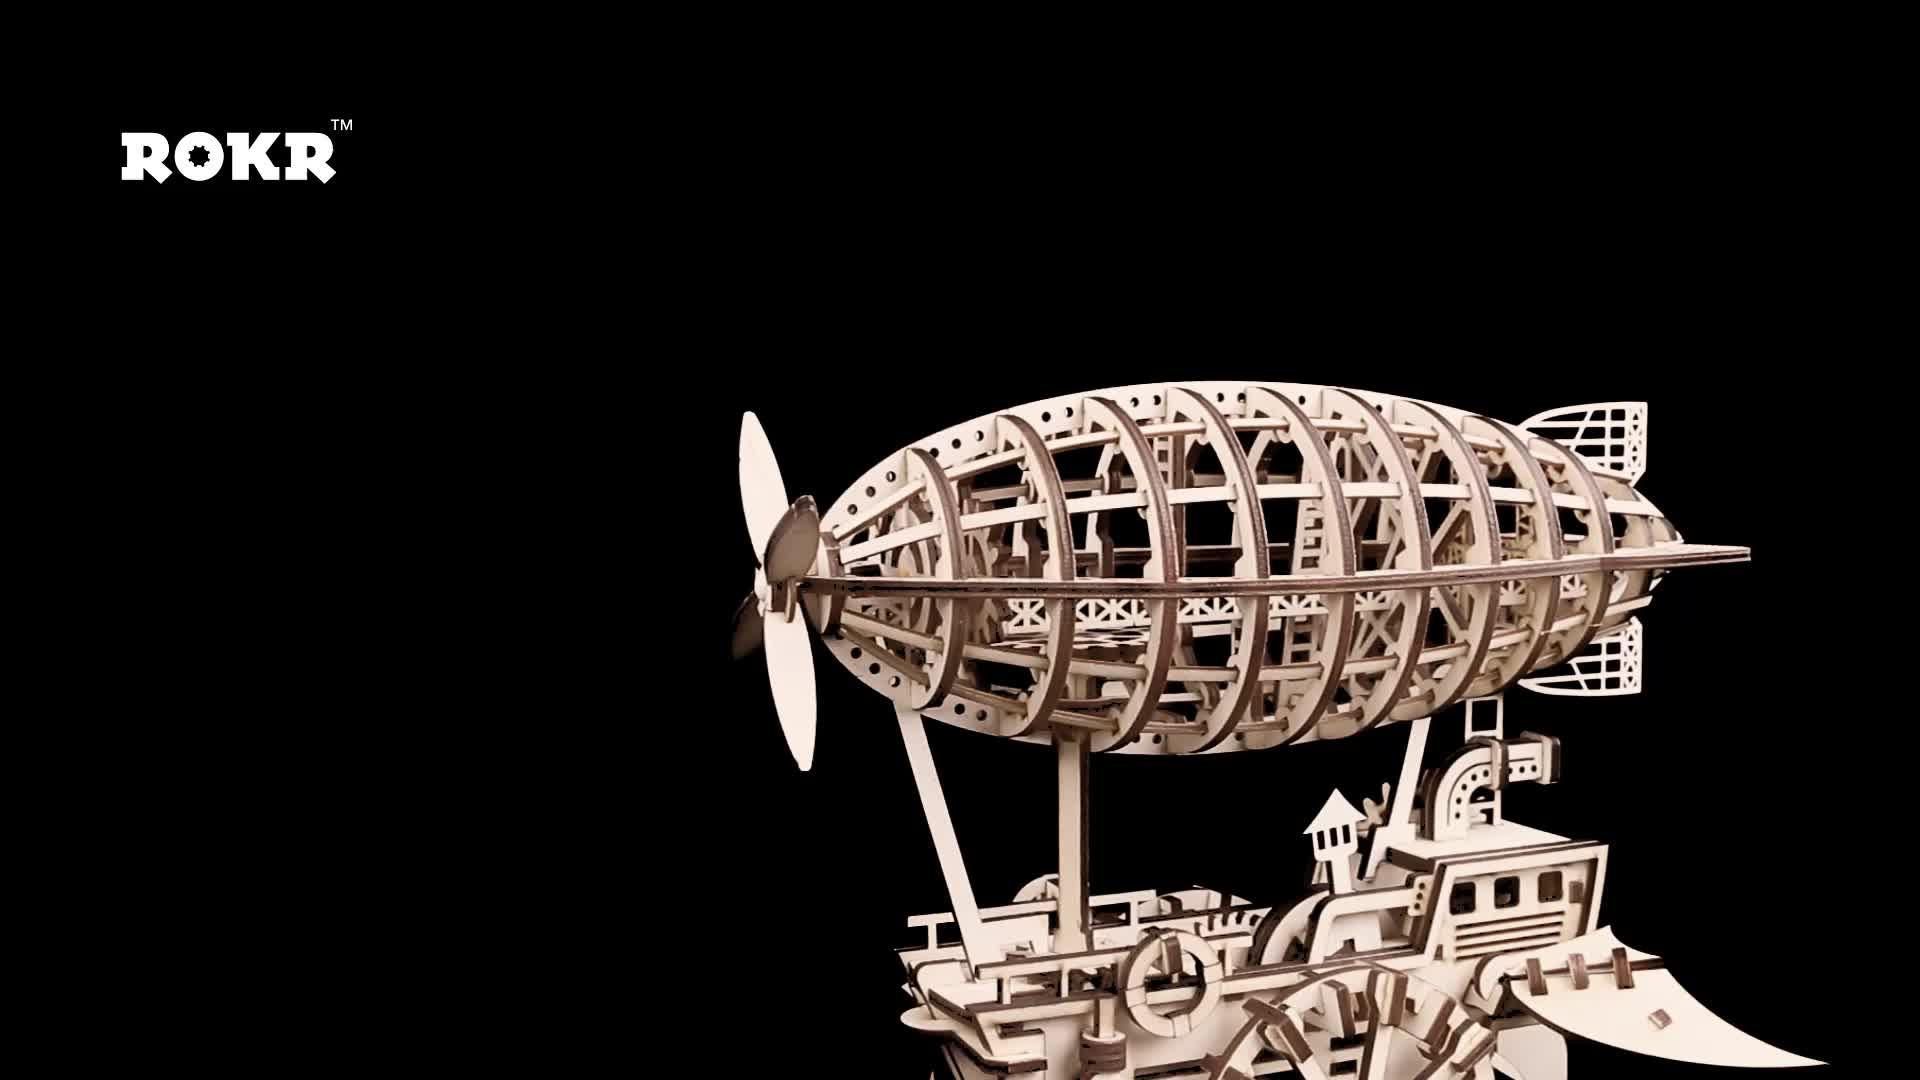 Dirigível Personalizado de Madeira Cérebro Teaser de Puzzle Jogos Adulto, Conjunto de construção 3d Puzzle De Madeira para Adolescentes e Adultos